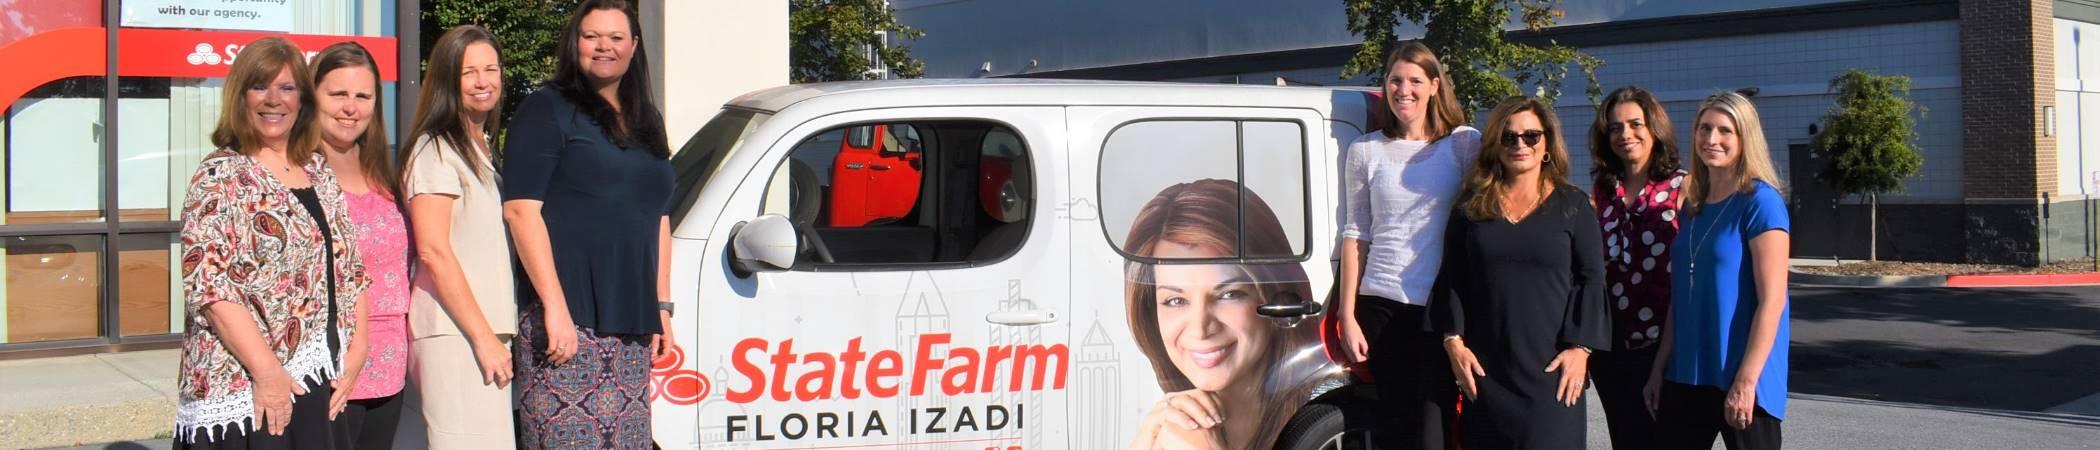 Floria Izadi State Farm Insurance in Kennesaw, GA | Home, Auto Insurance & more